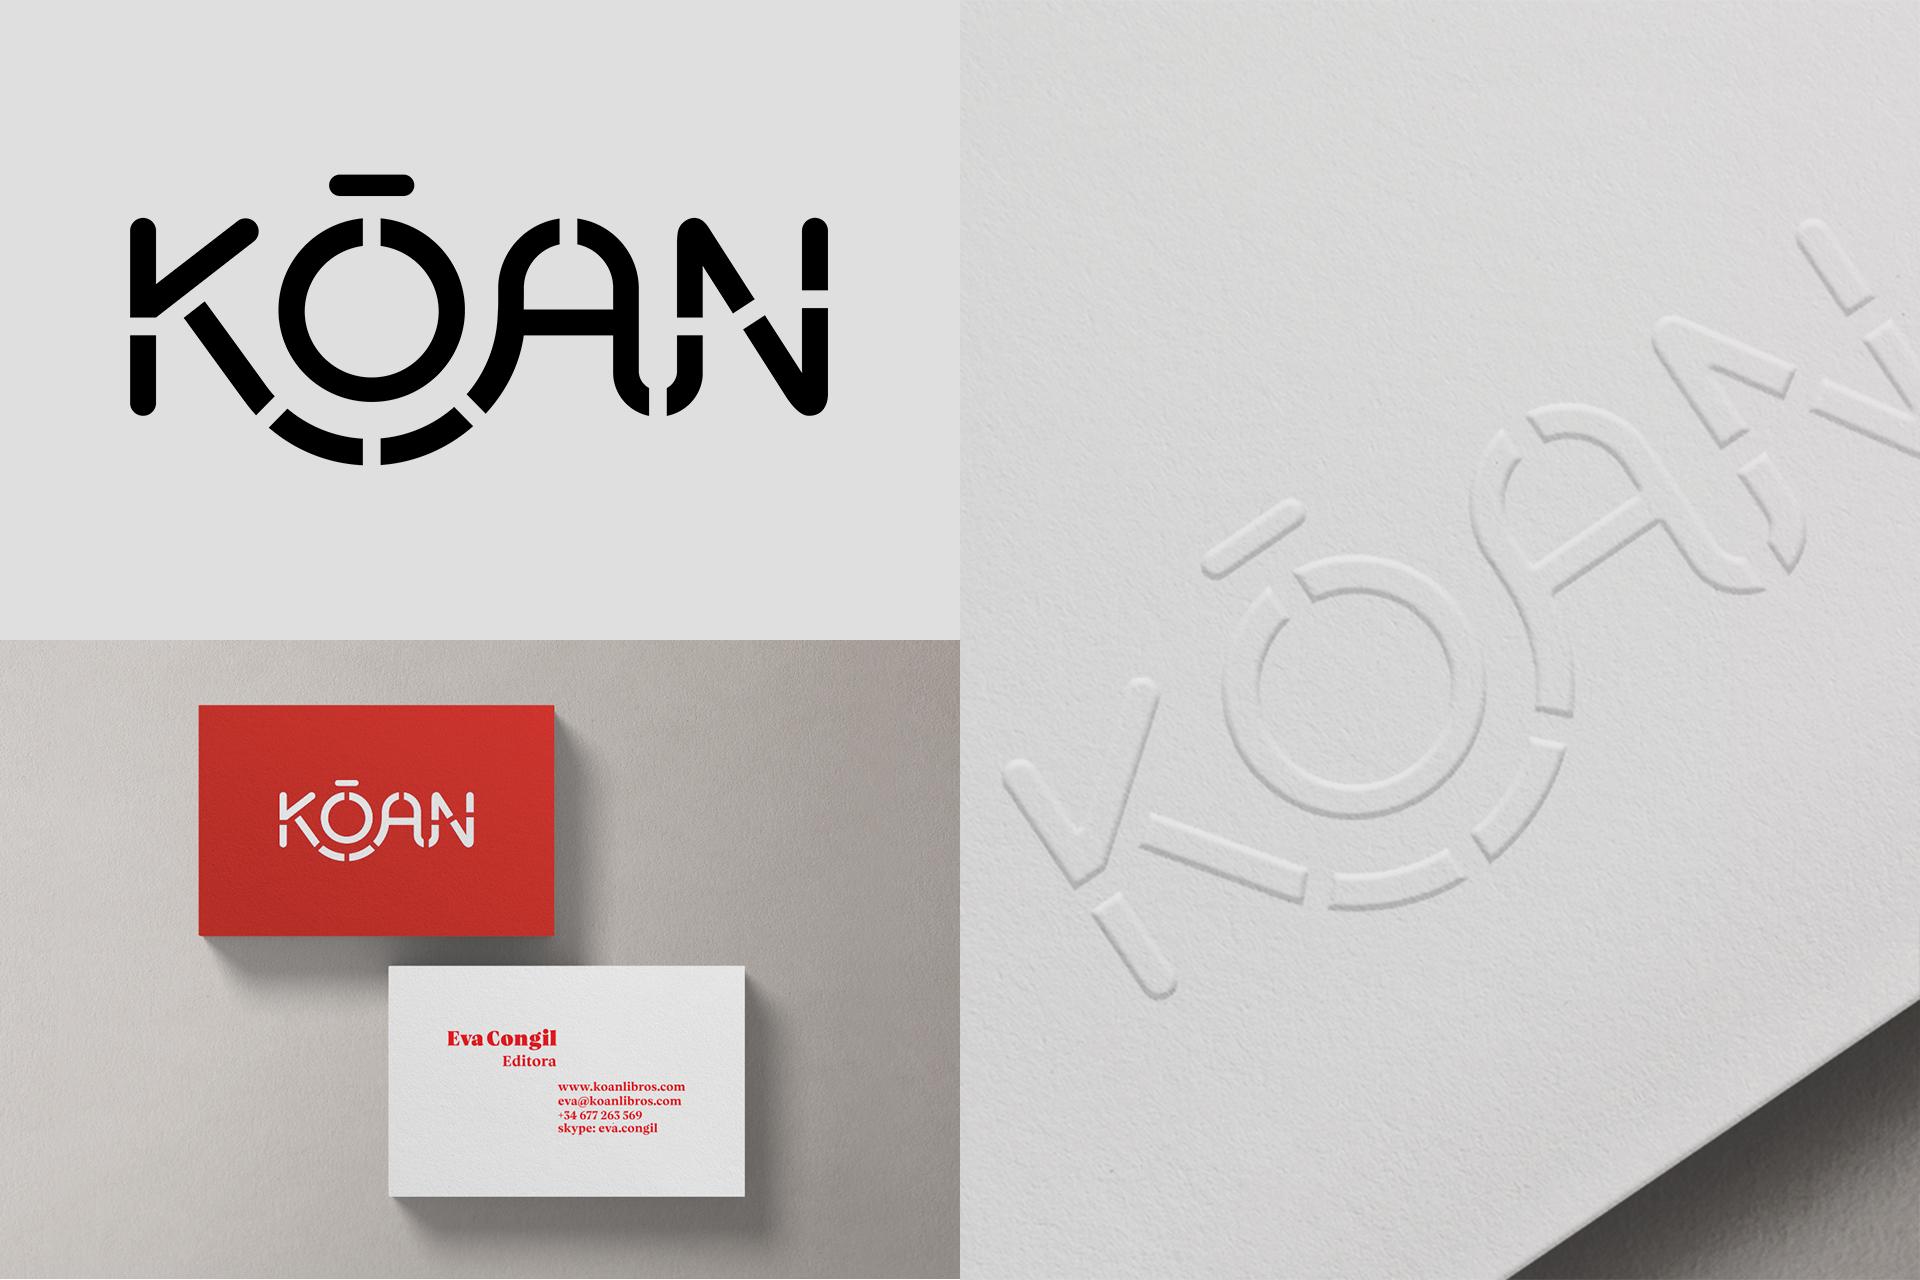 Kōan (Editorial independiente) Branding & Web by Silenceworks - Creative Work